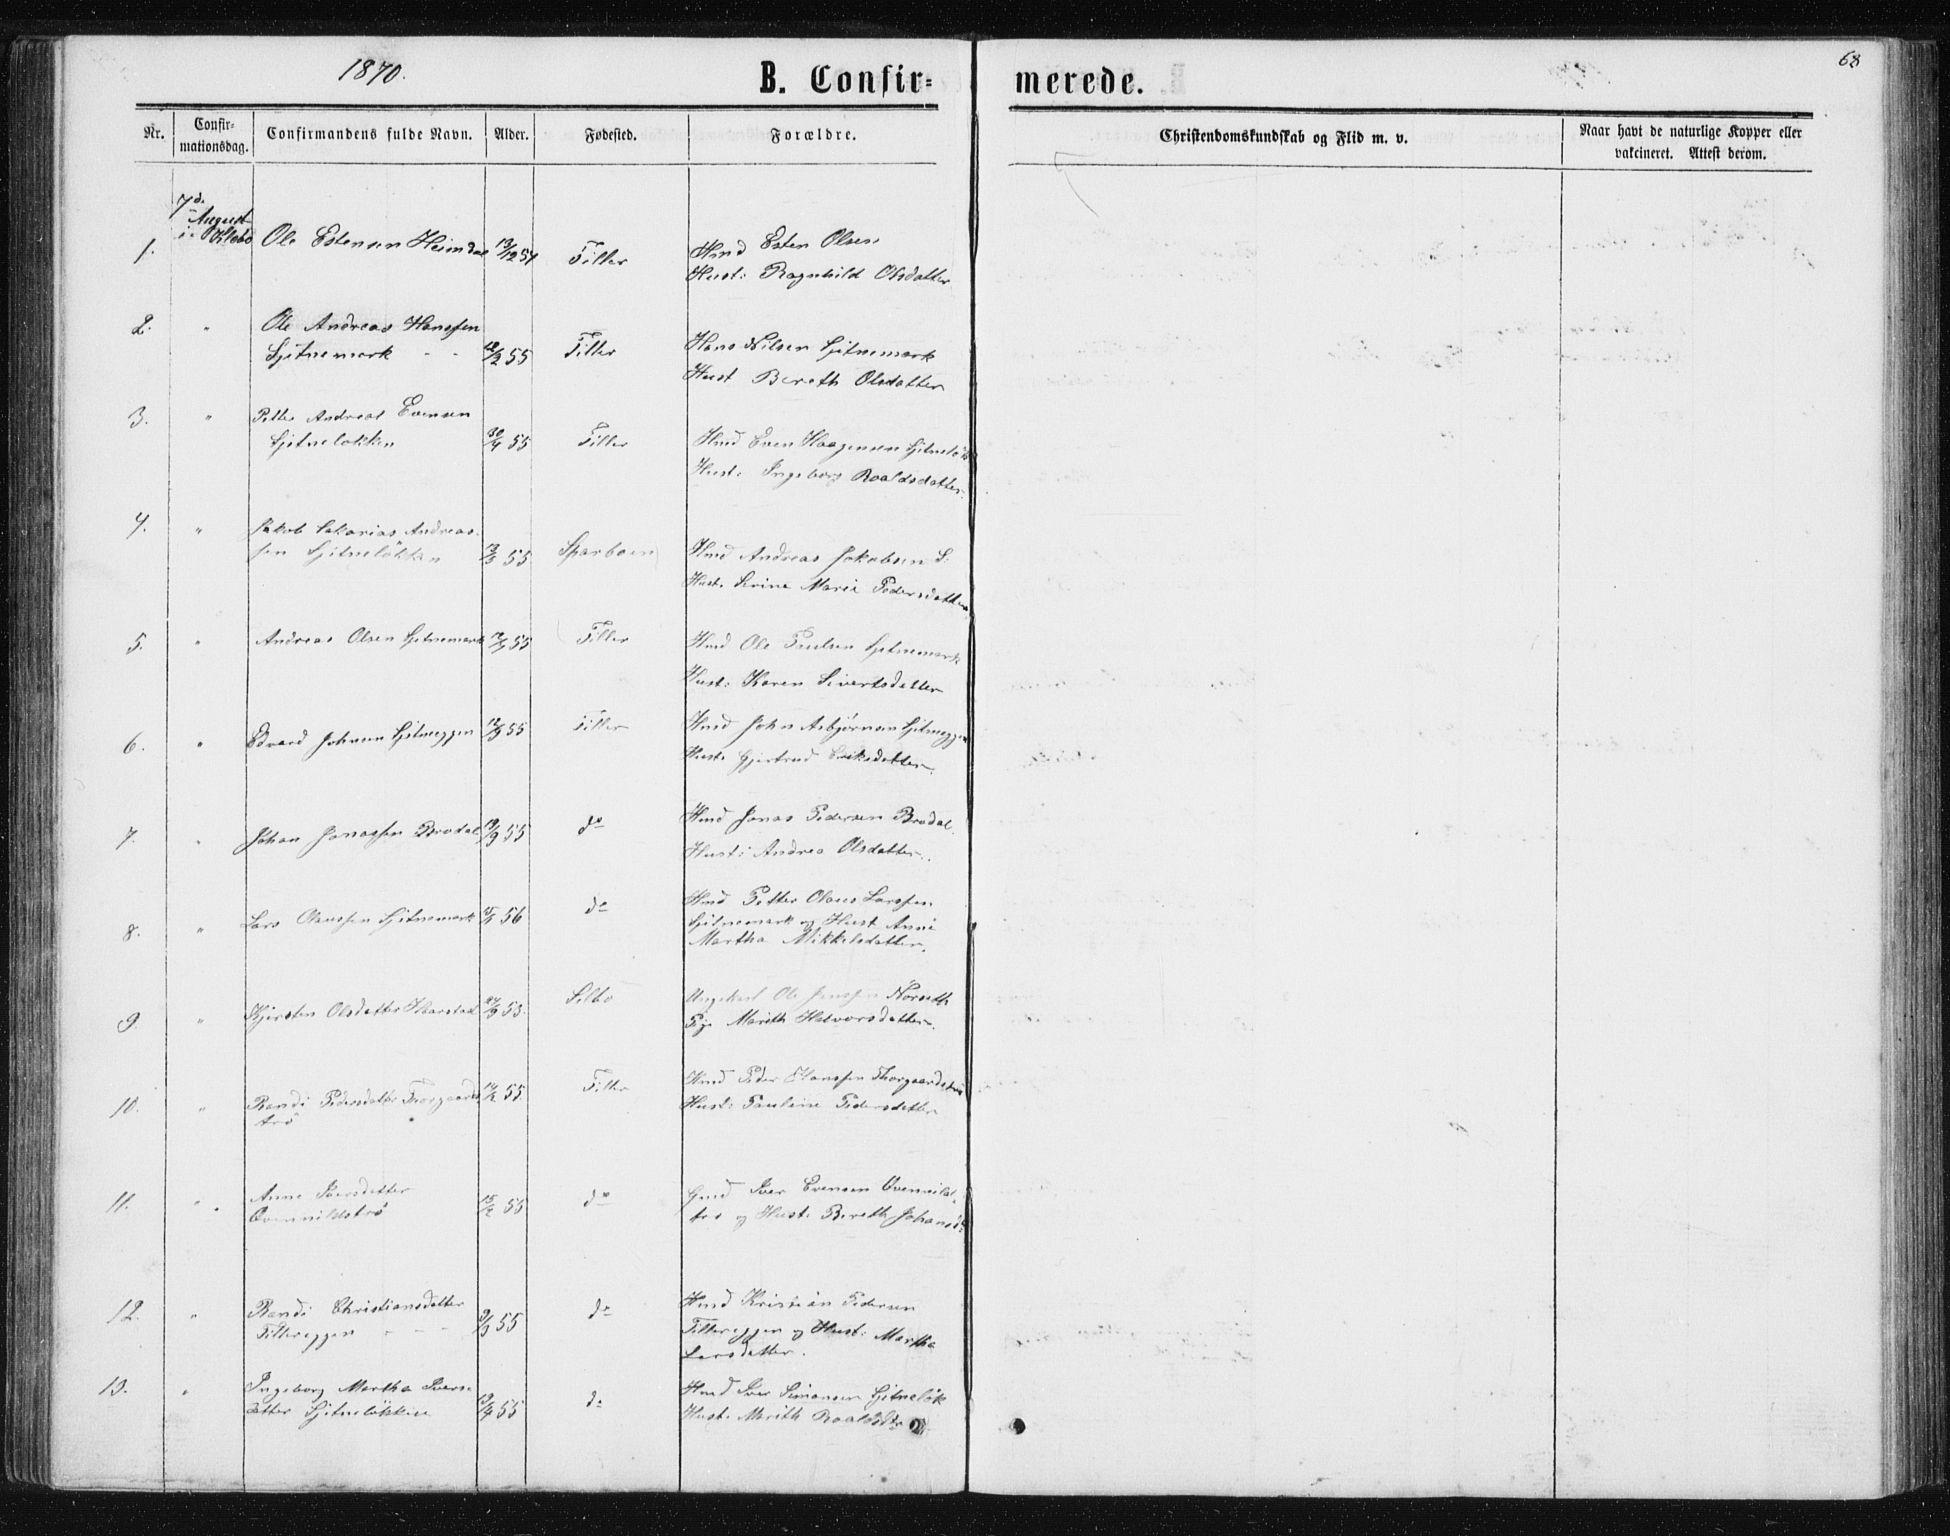 SAT, Ministerialprotokoller, klokkerbøker og fødselsregistre - Sør-Trøndelag, 621/L0459: Klokkerbok nr. 621C02, 1866-1895, s. 68